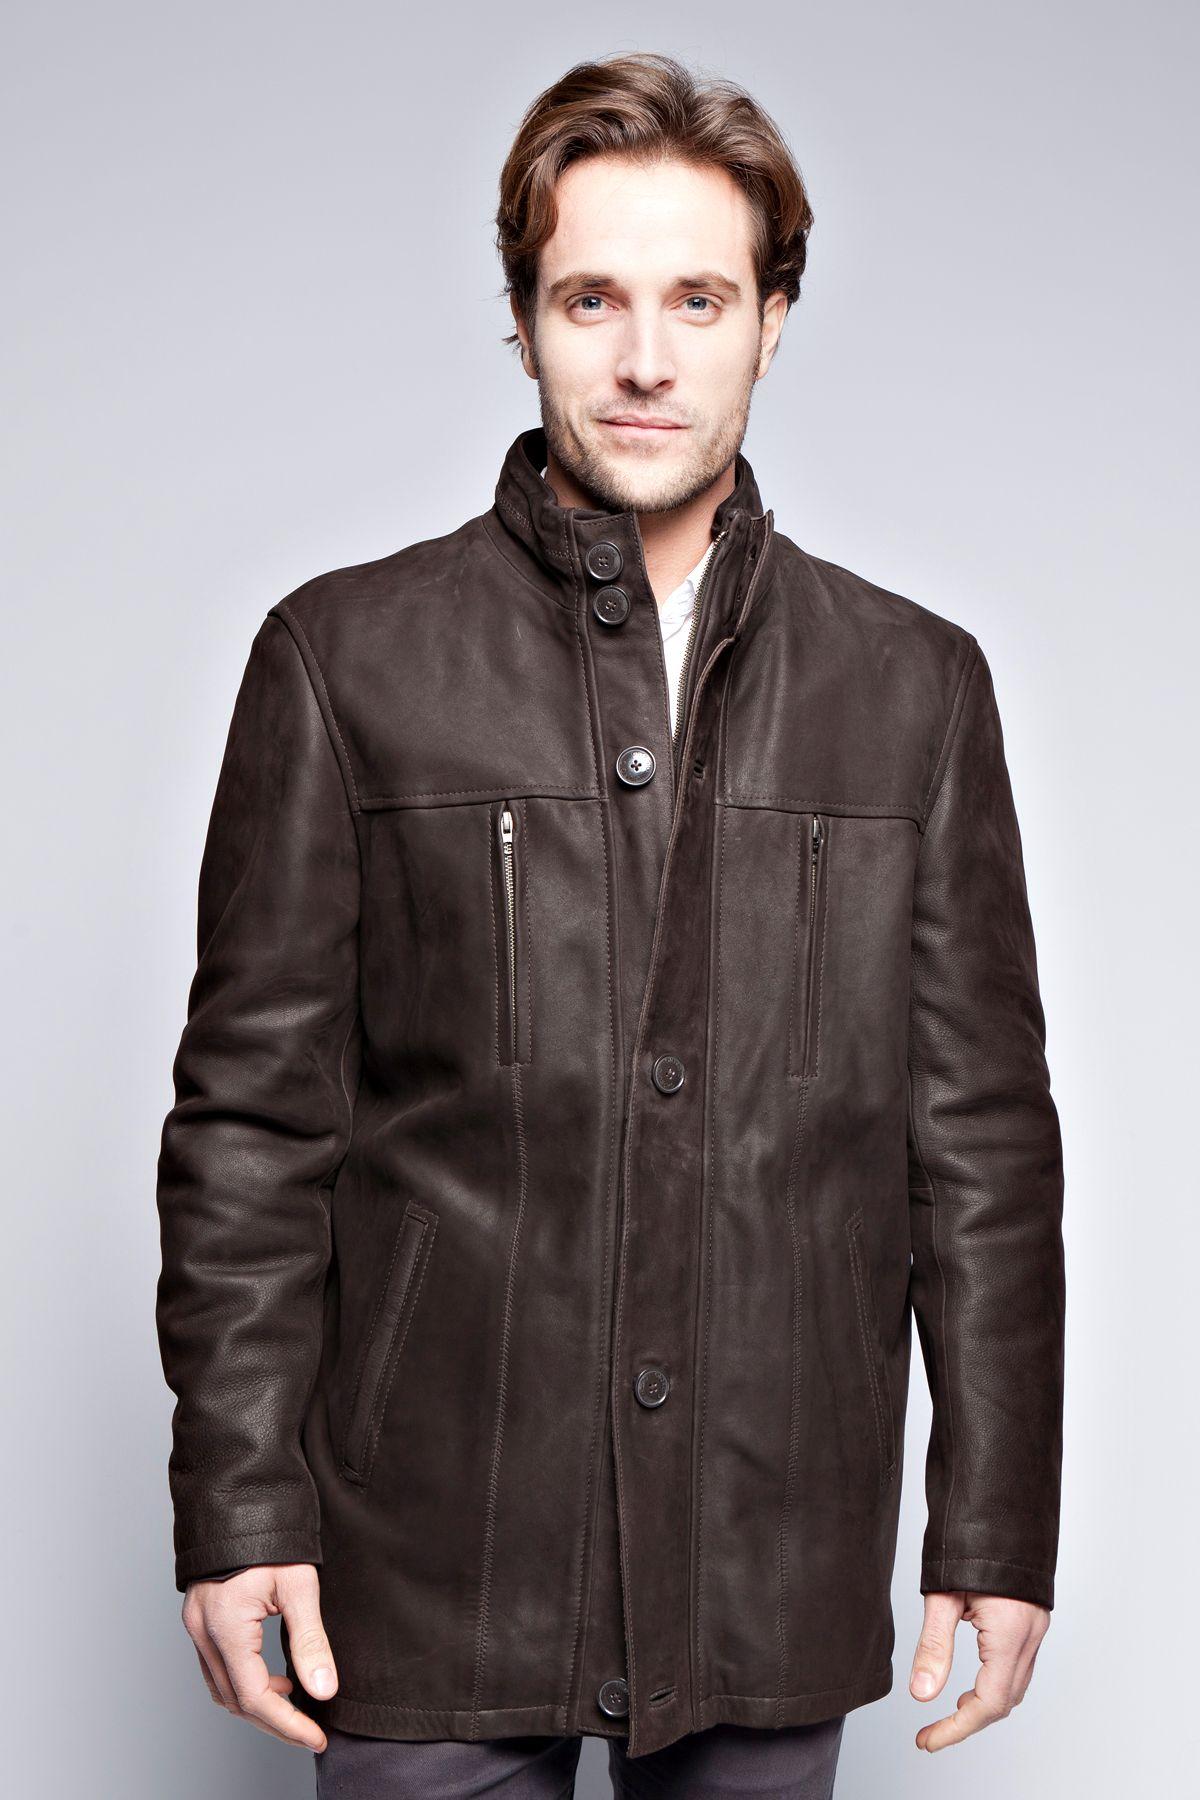 Cherche belle veste homme